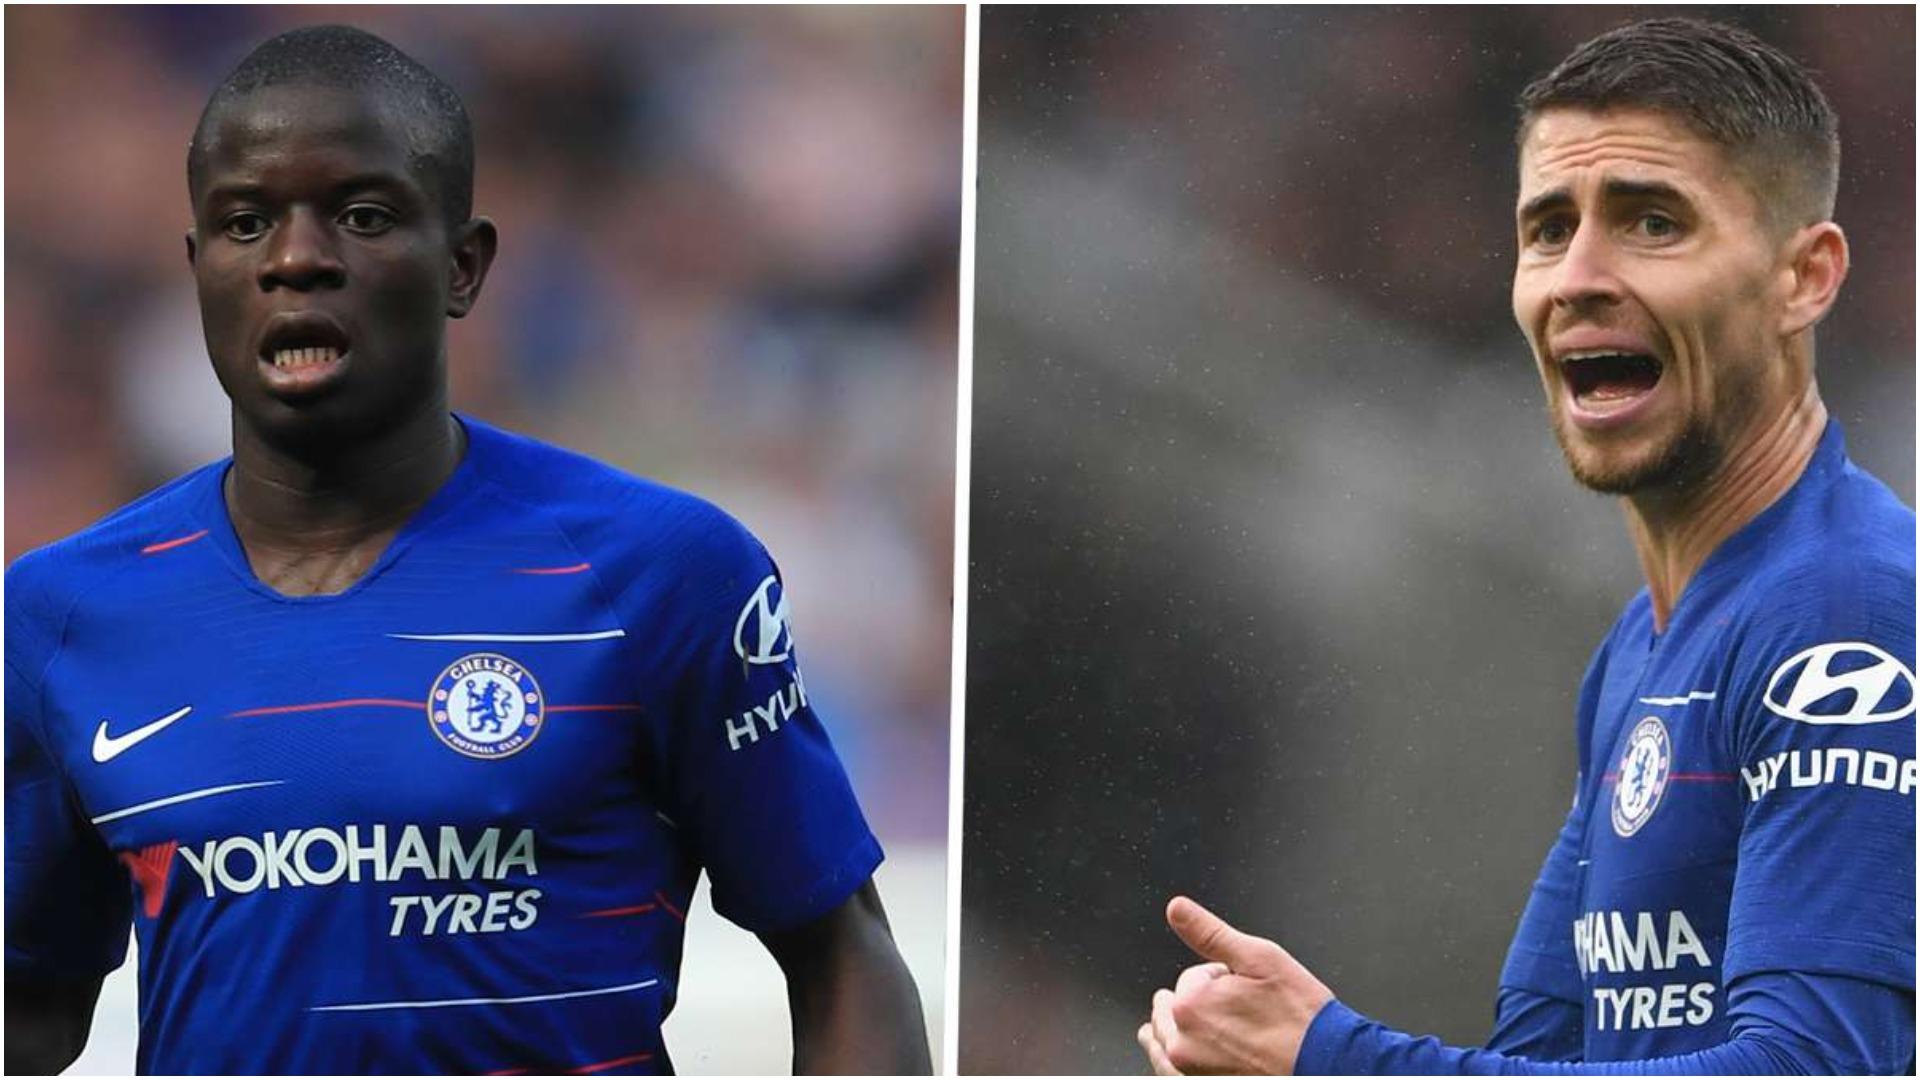 Plot 5 të larguar, Chelsea vendos dhe për dyshen Jorginho-Kante